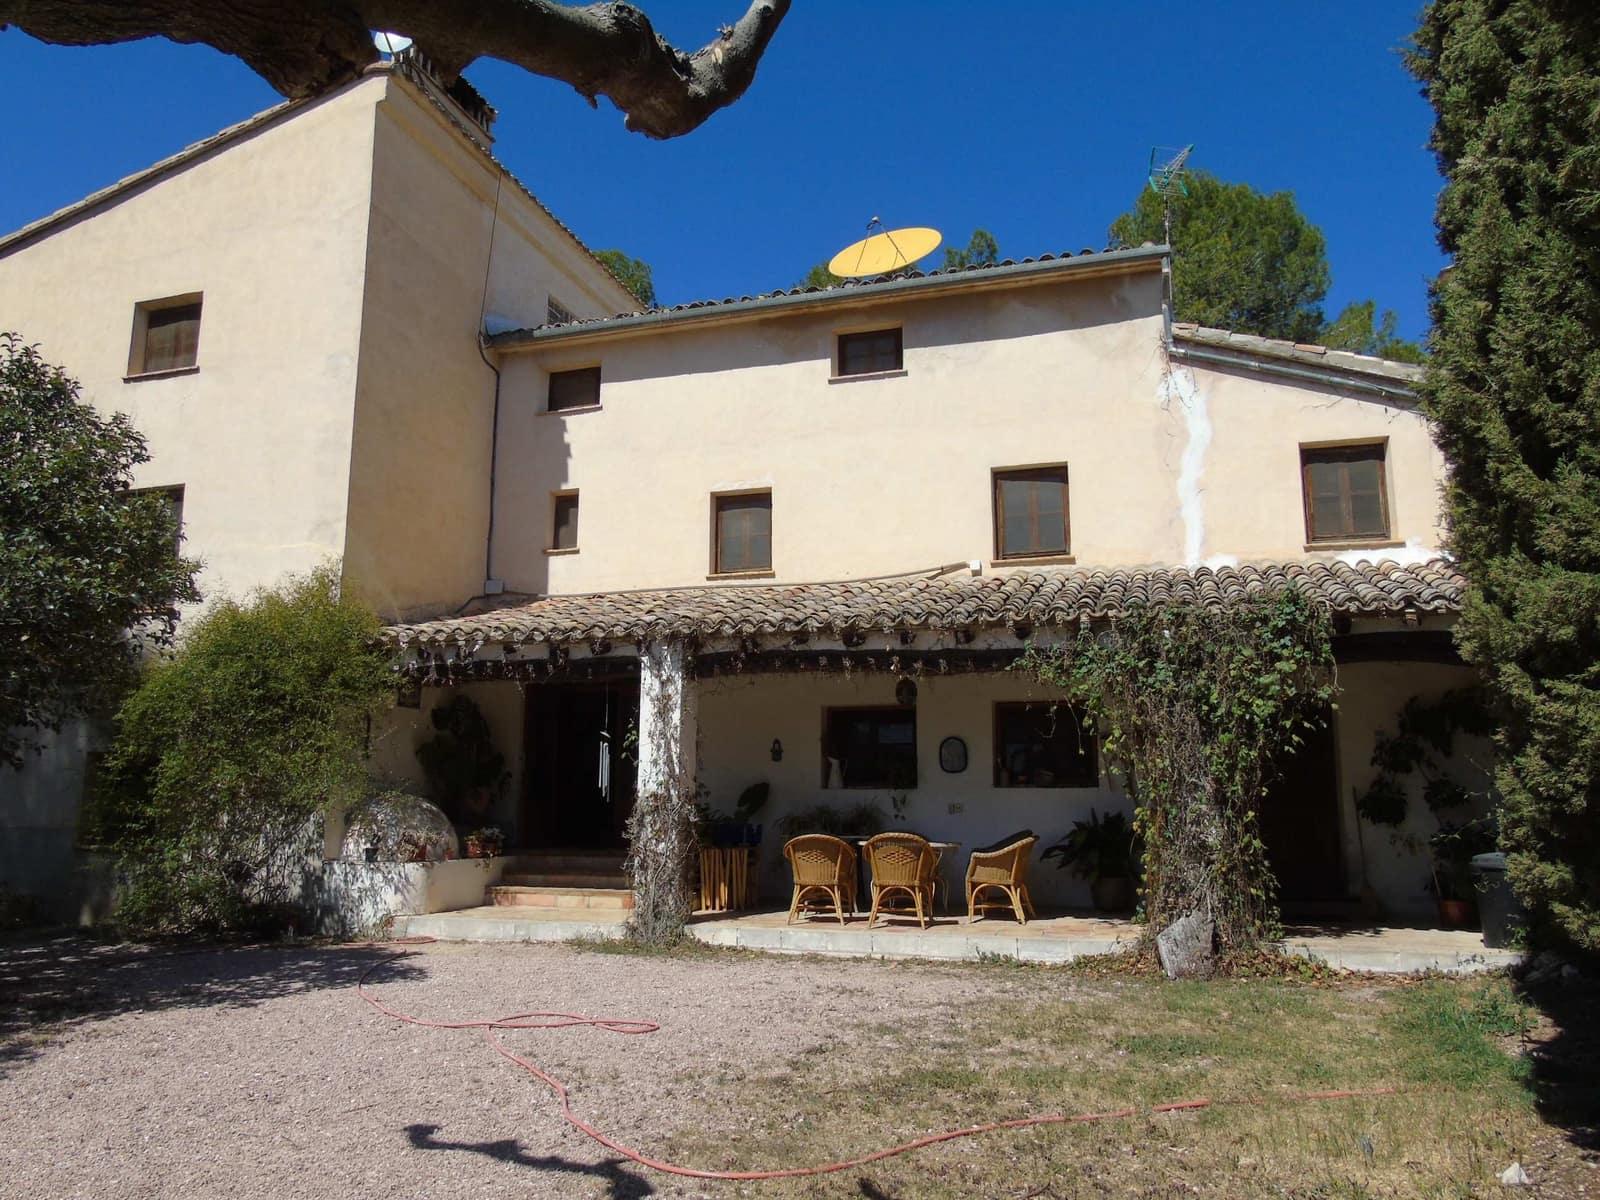 8 Zimmer Finca/Landgut zu verkaufen in Gorga mit Pool Garage - 475.000 € (Ref: 5049912)